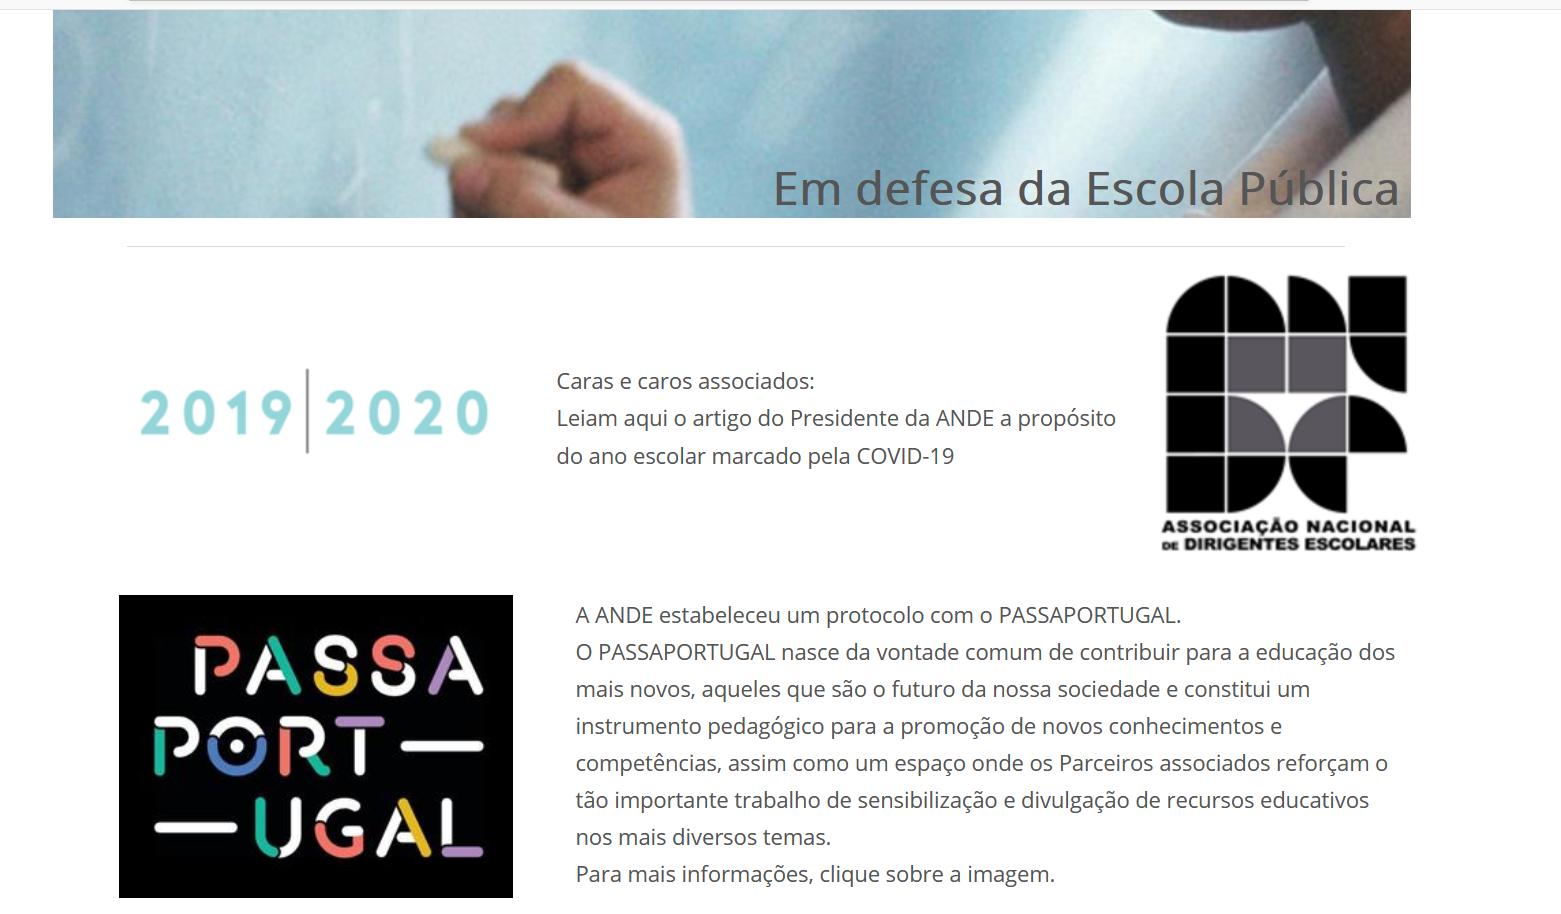 ANDE ASSOCIAÇÃO NACIONAL DE DIRIGENTES ESCOLARES